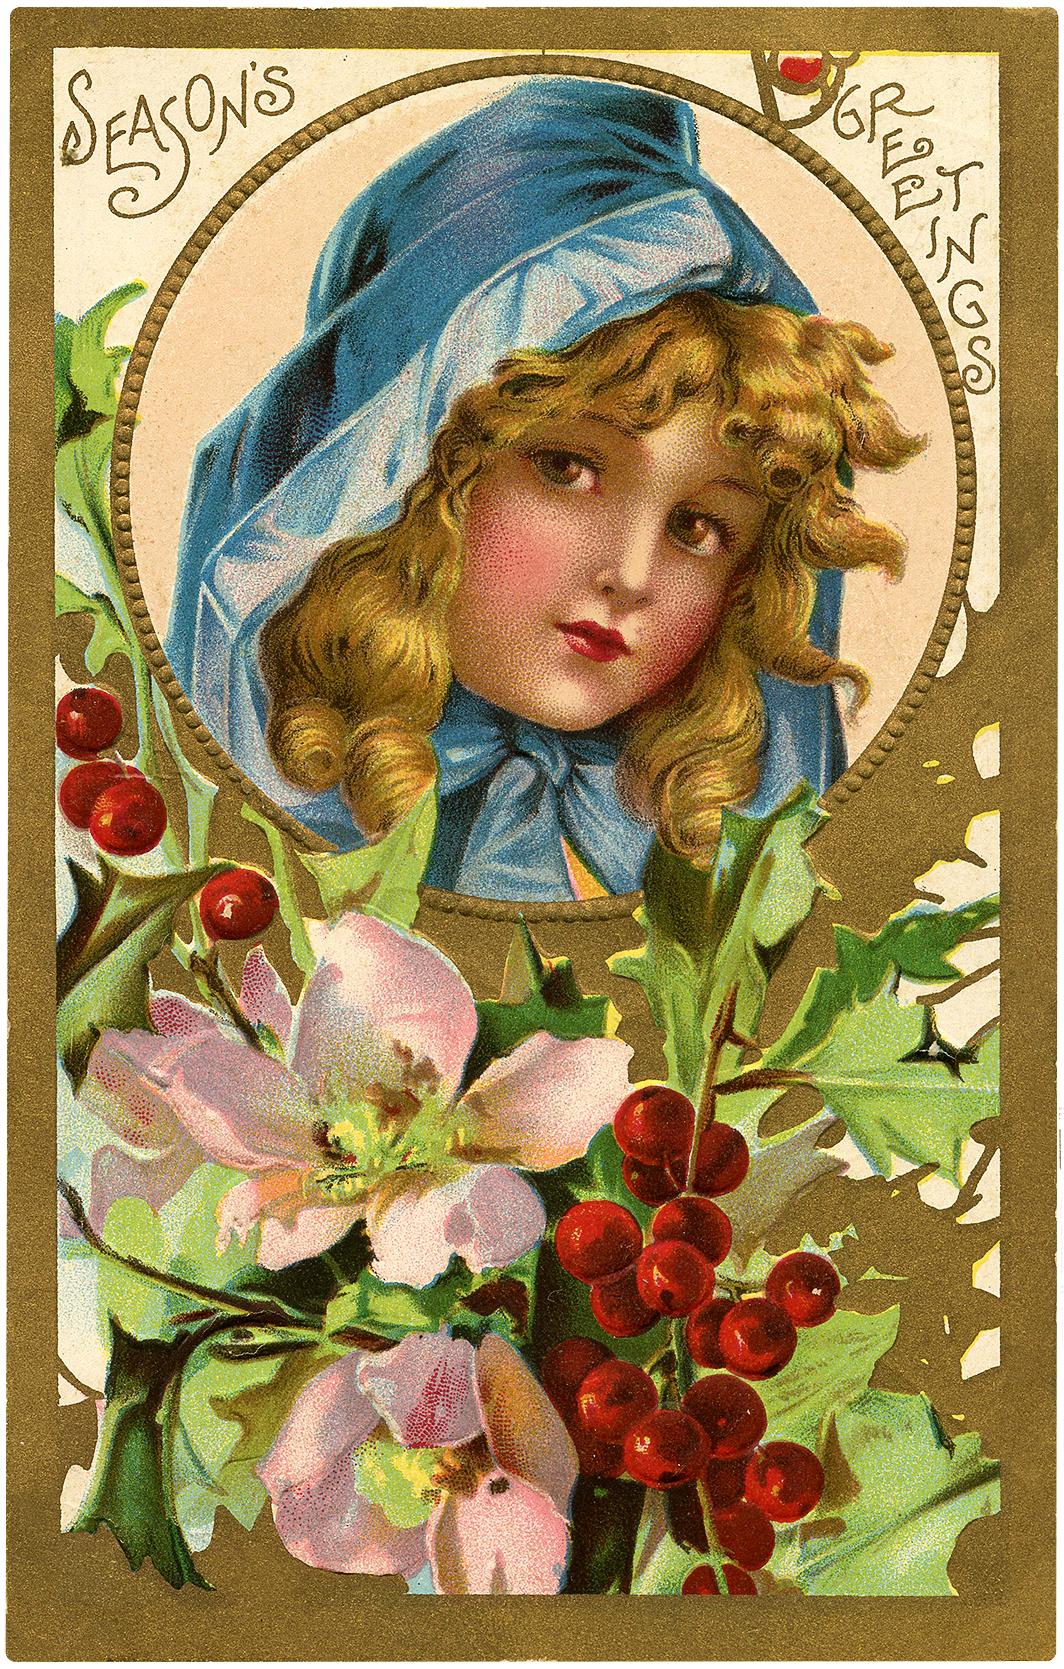 Nostalgic Girl in Blue Bonnet Christmas Graphic!